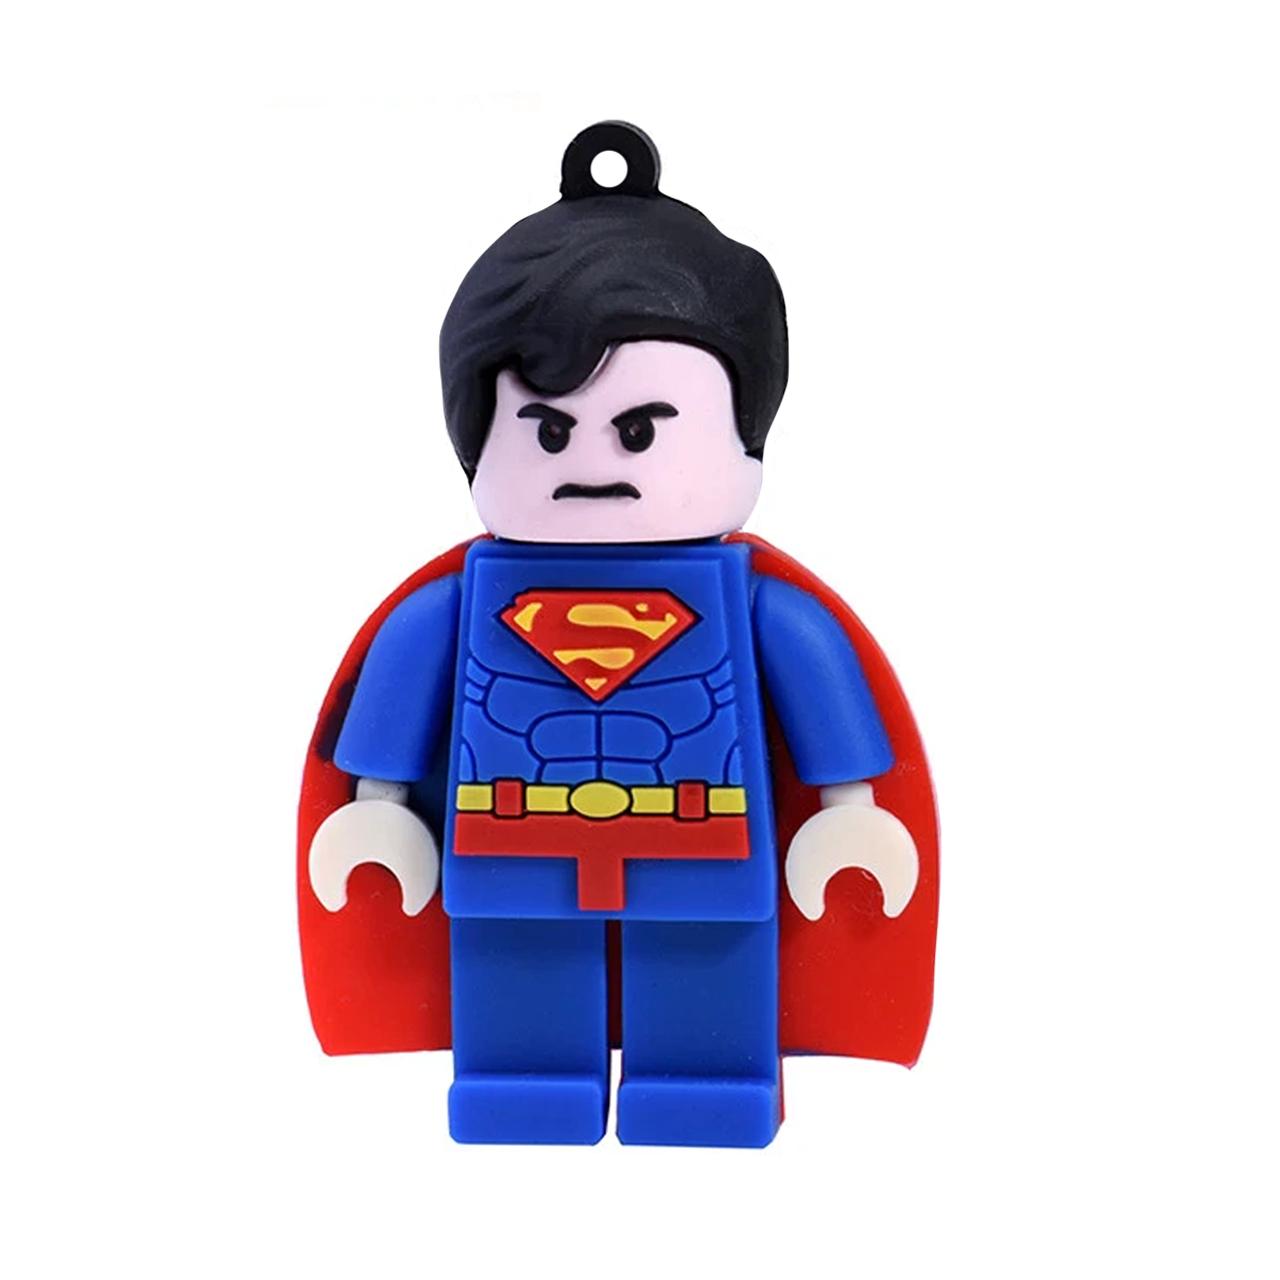 بررسی و خرید [با تخفیف]                                     فلش مموری طرح Lego Superman مدل DPL1168 ظرفیت 16 گیگابایت                             اورجینال